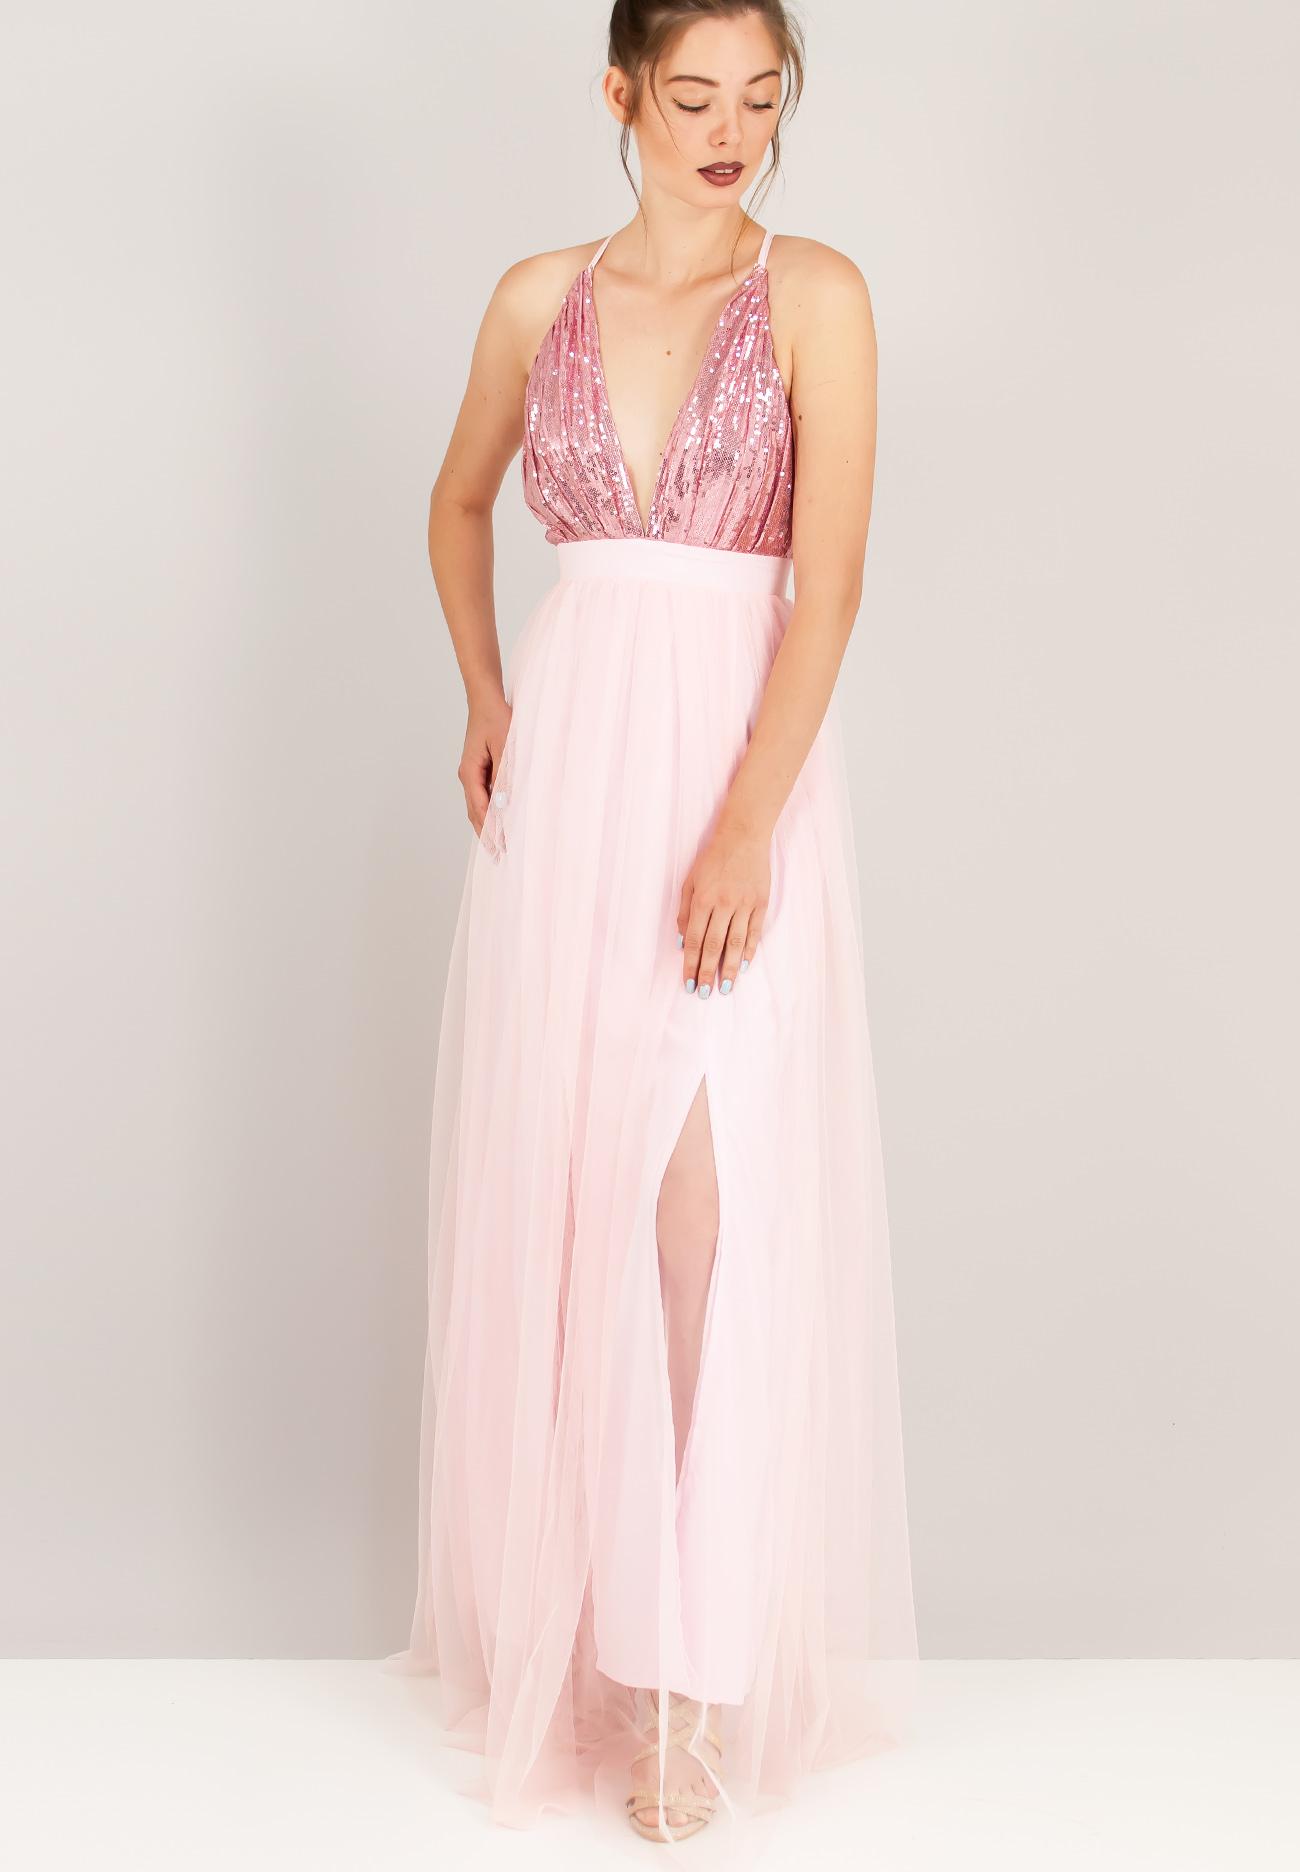 Φόρεμα με παγέτα και τούλινη φούστα - ZIC ZAC 9c15c4ac8a2